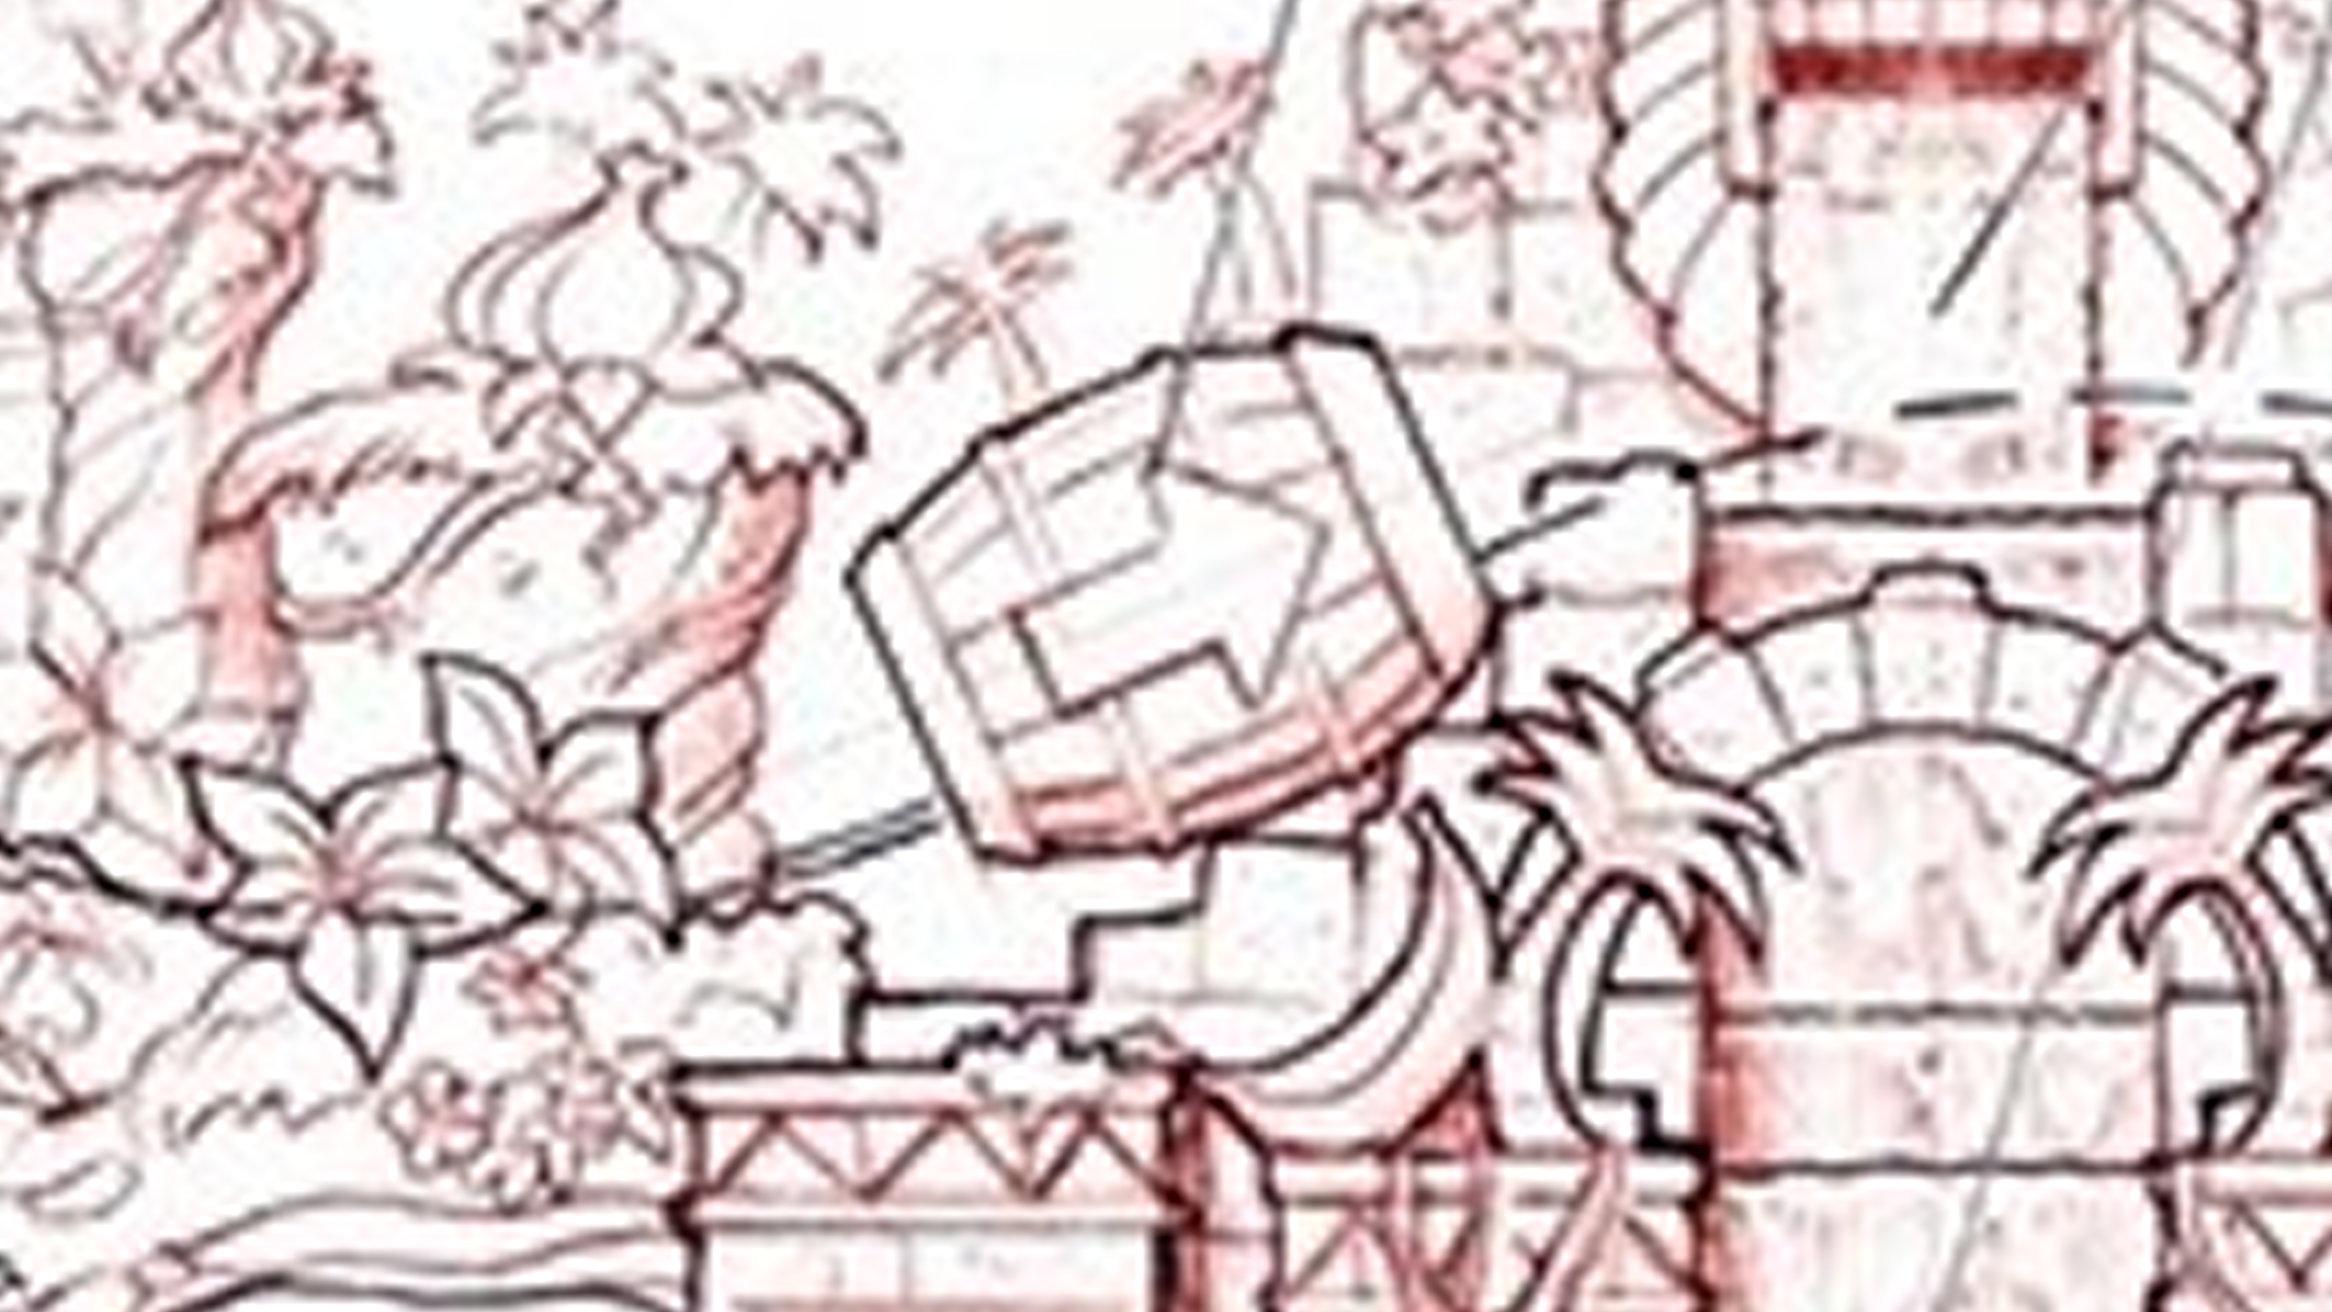 任天堂×ユニバーサル・オーランド、タル大砲ドンキーコングのエリア